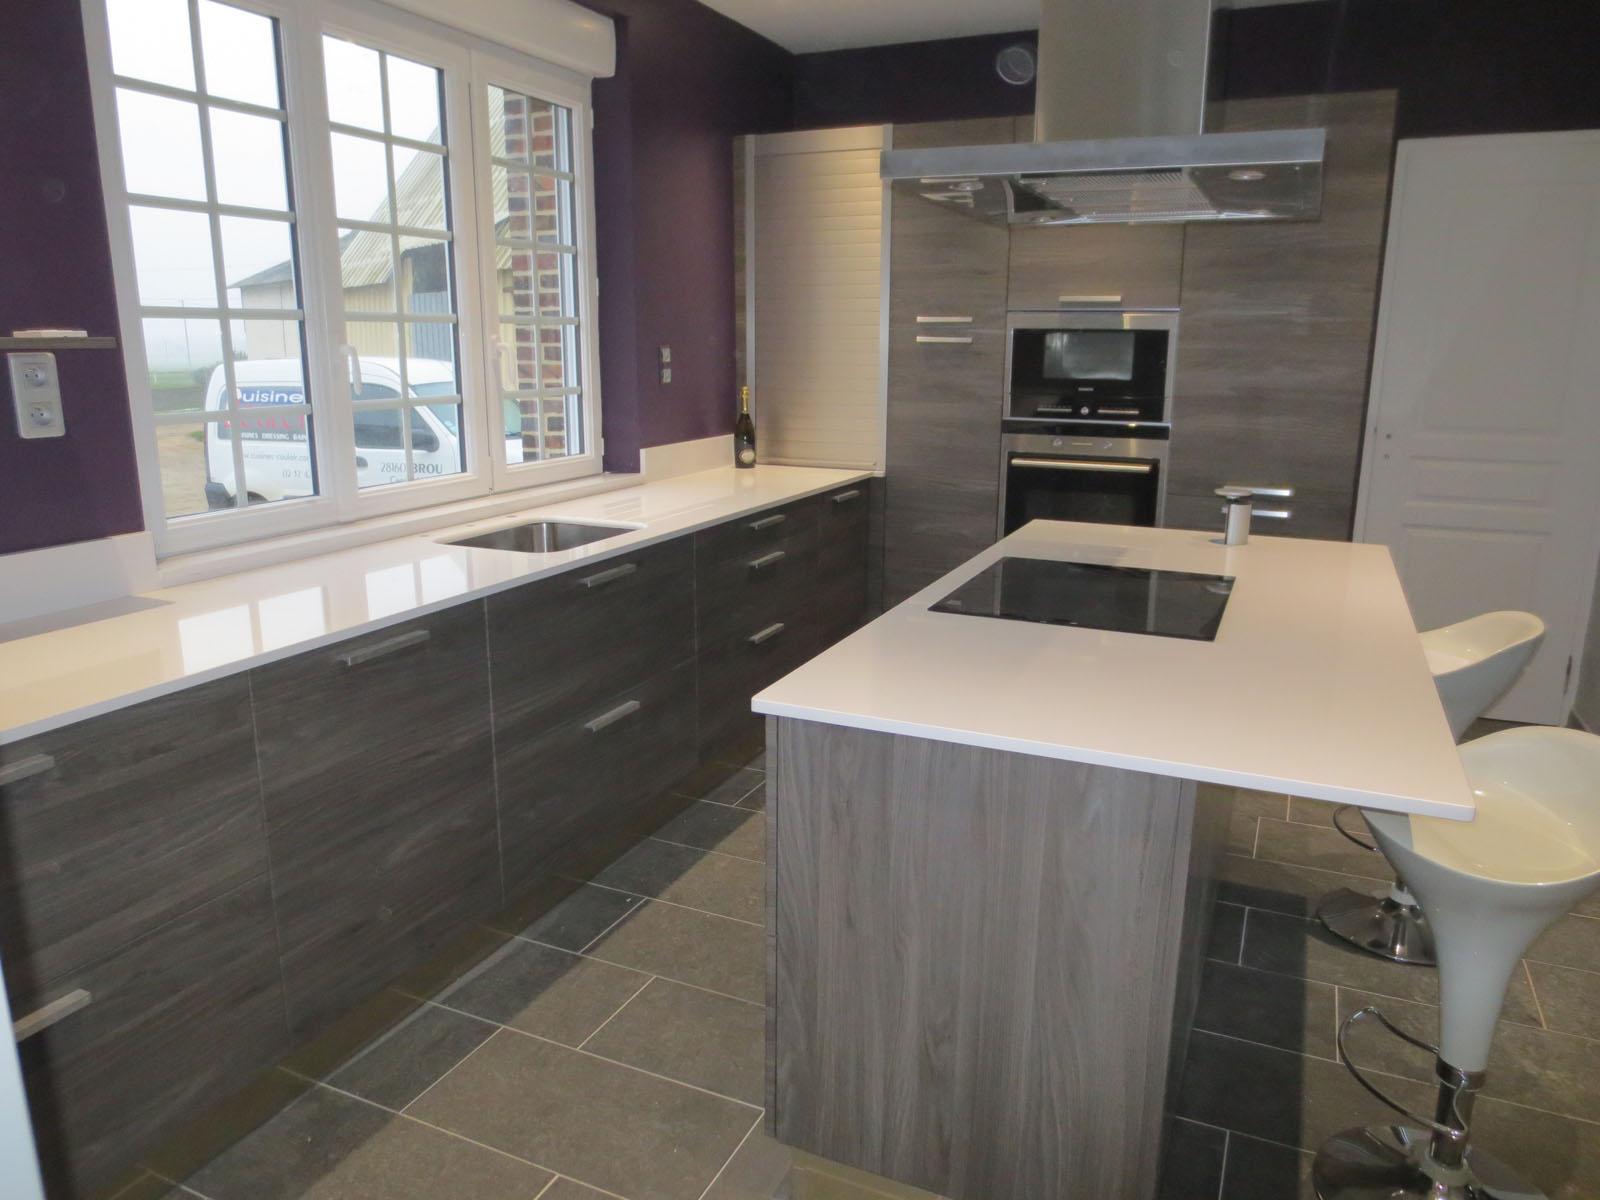 Modele de cuisine en bois gris - Tout sur la cuisine et le ...